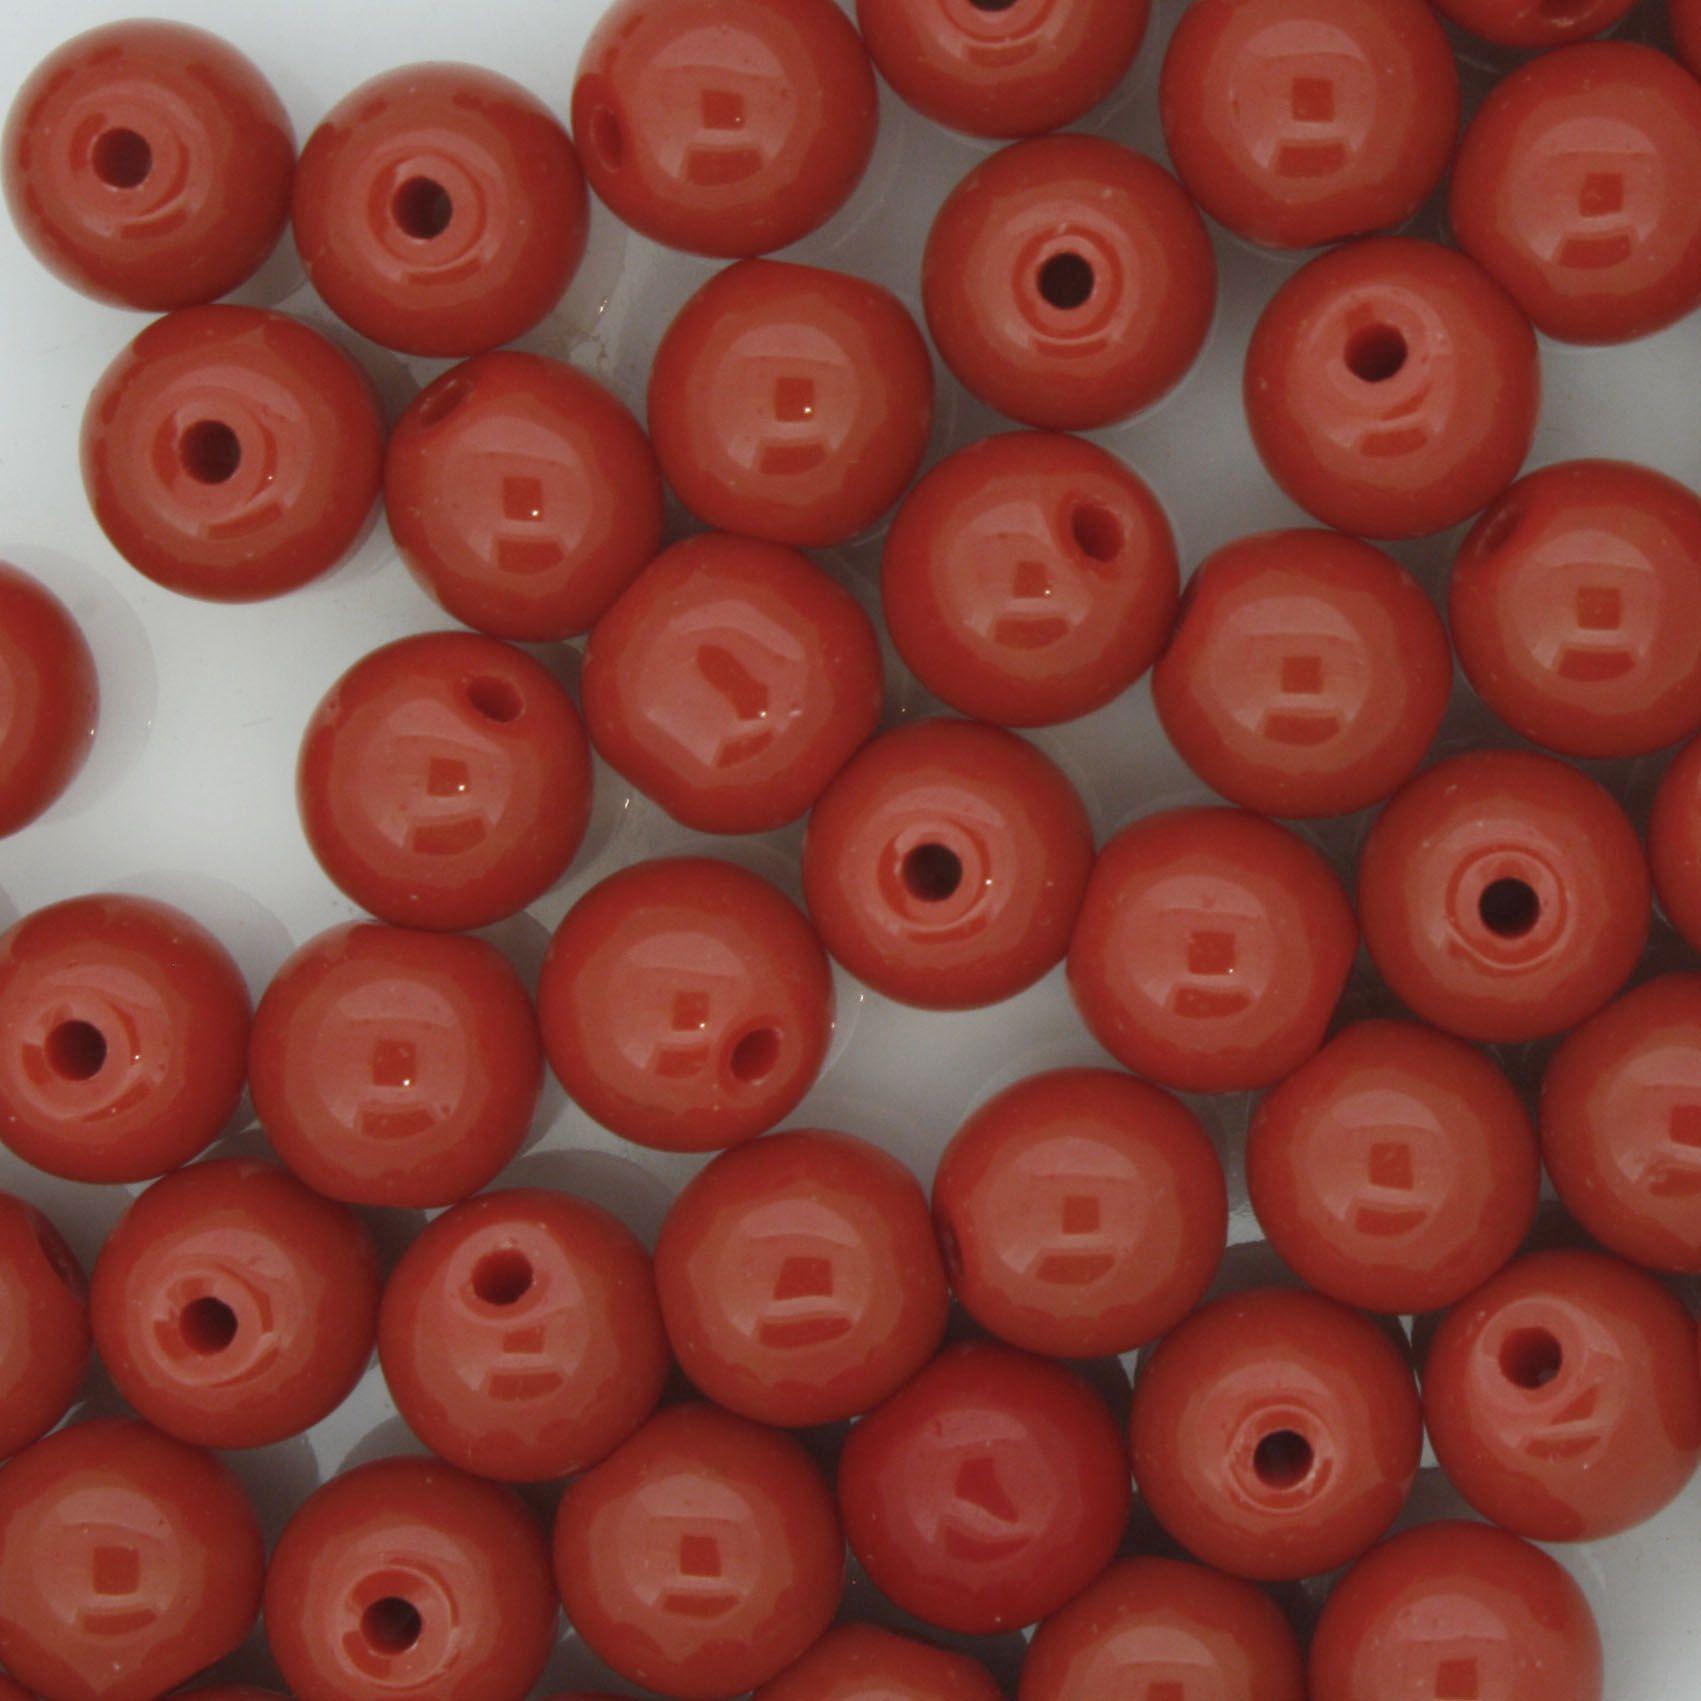 Contas de Porcelana® - Vermelha - 8mm  - Stéphanie Bijoux® - Peças para Bijuterias e Artesanato